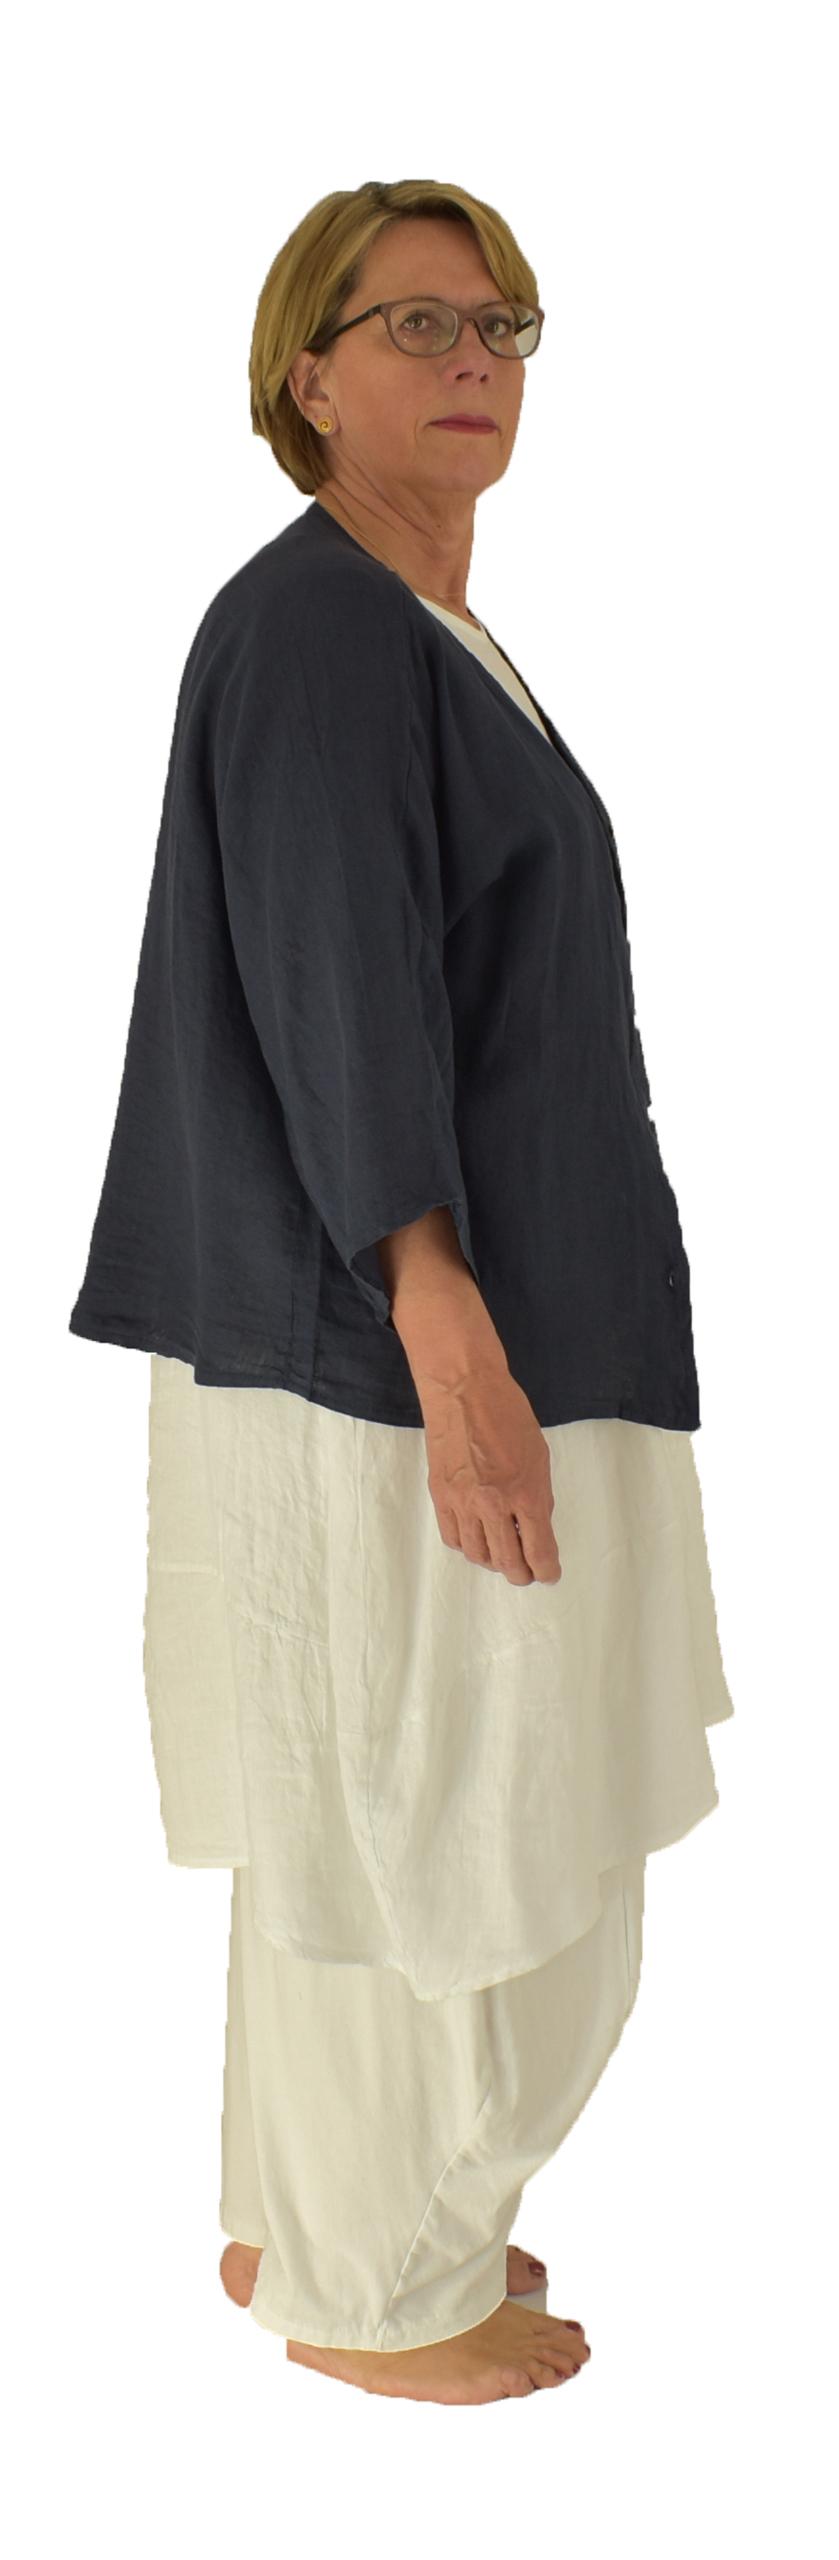 Damen kleider aus leinen